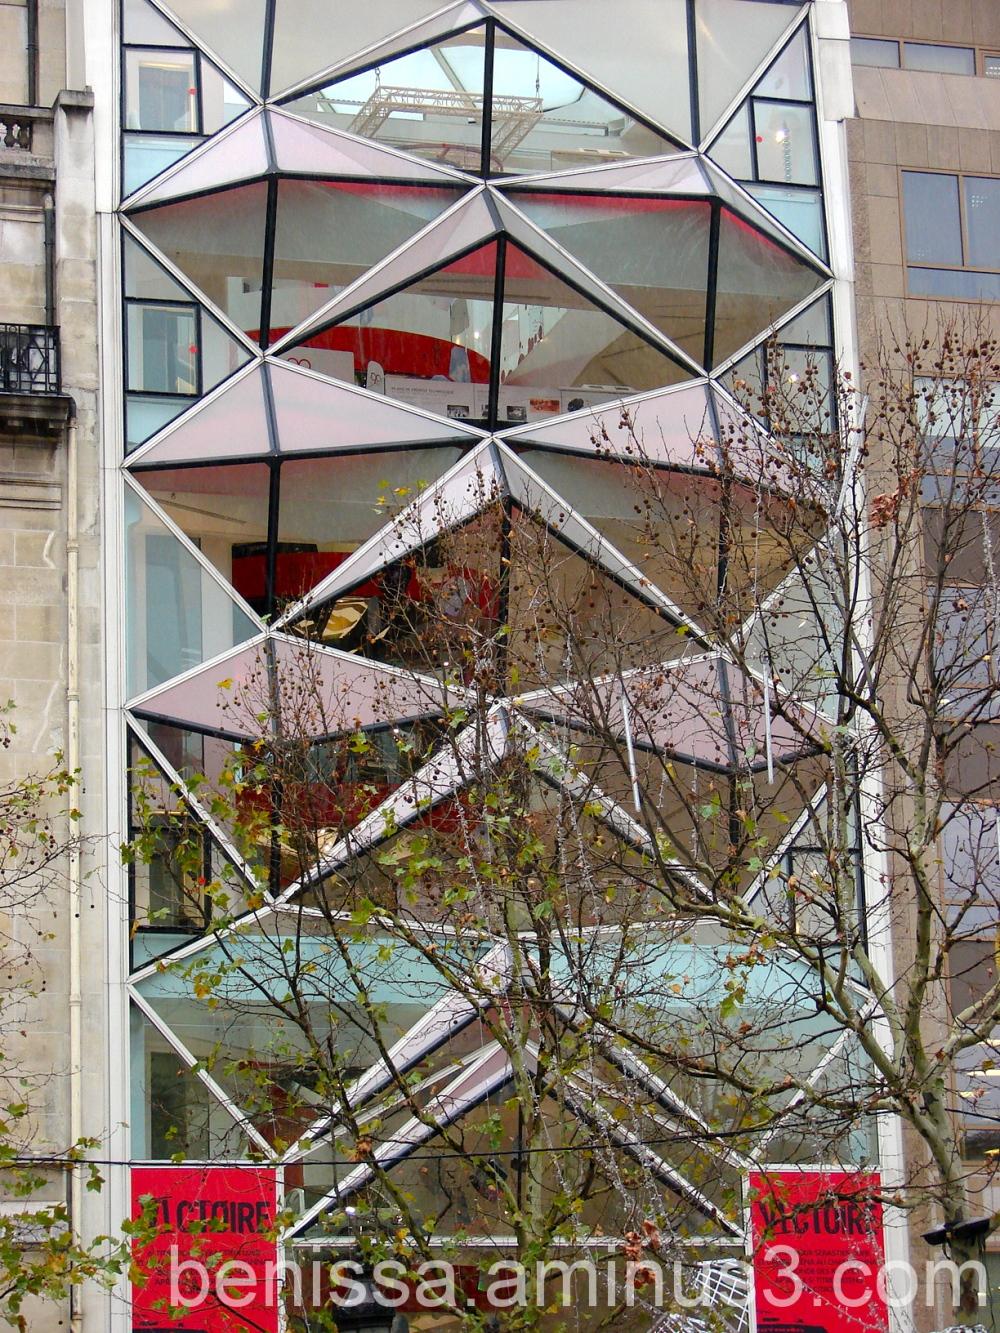 Citroën building